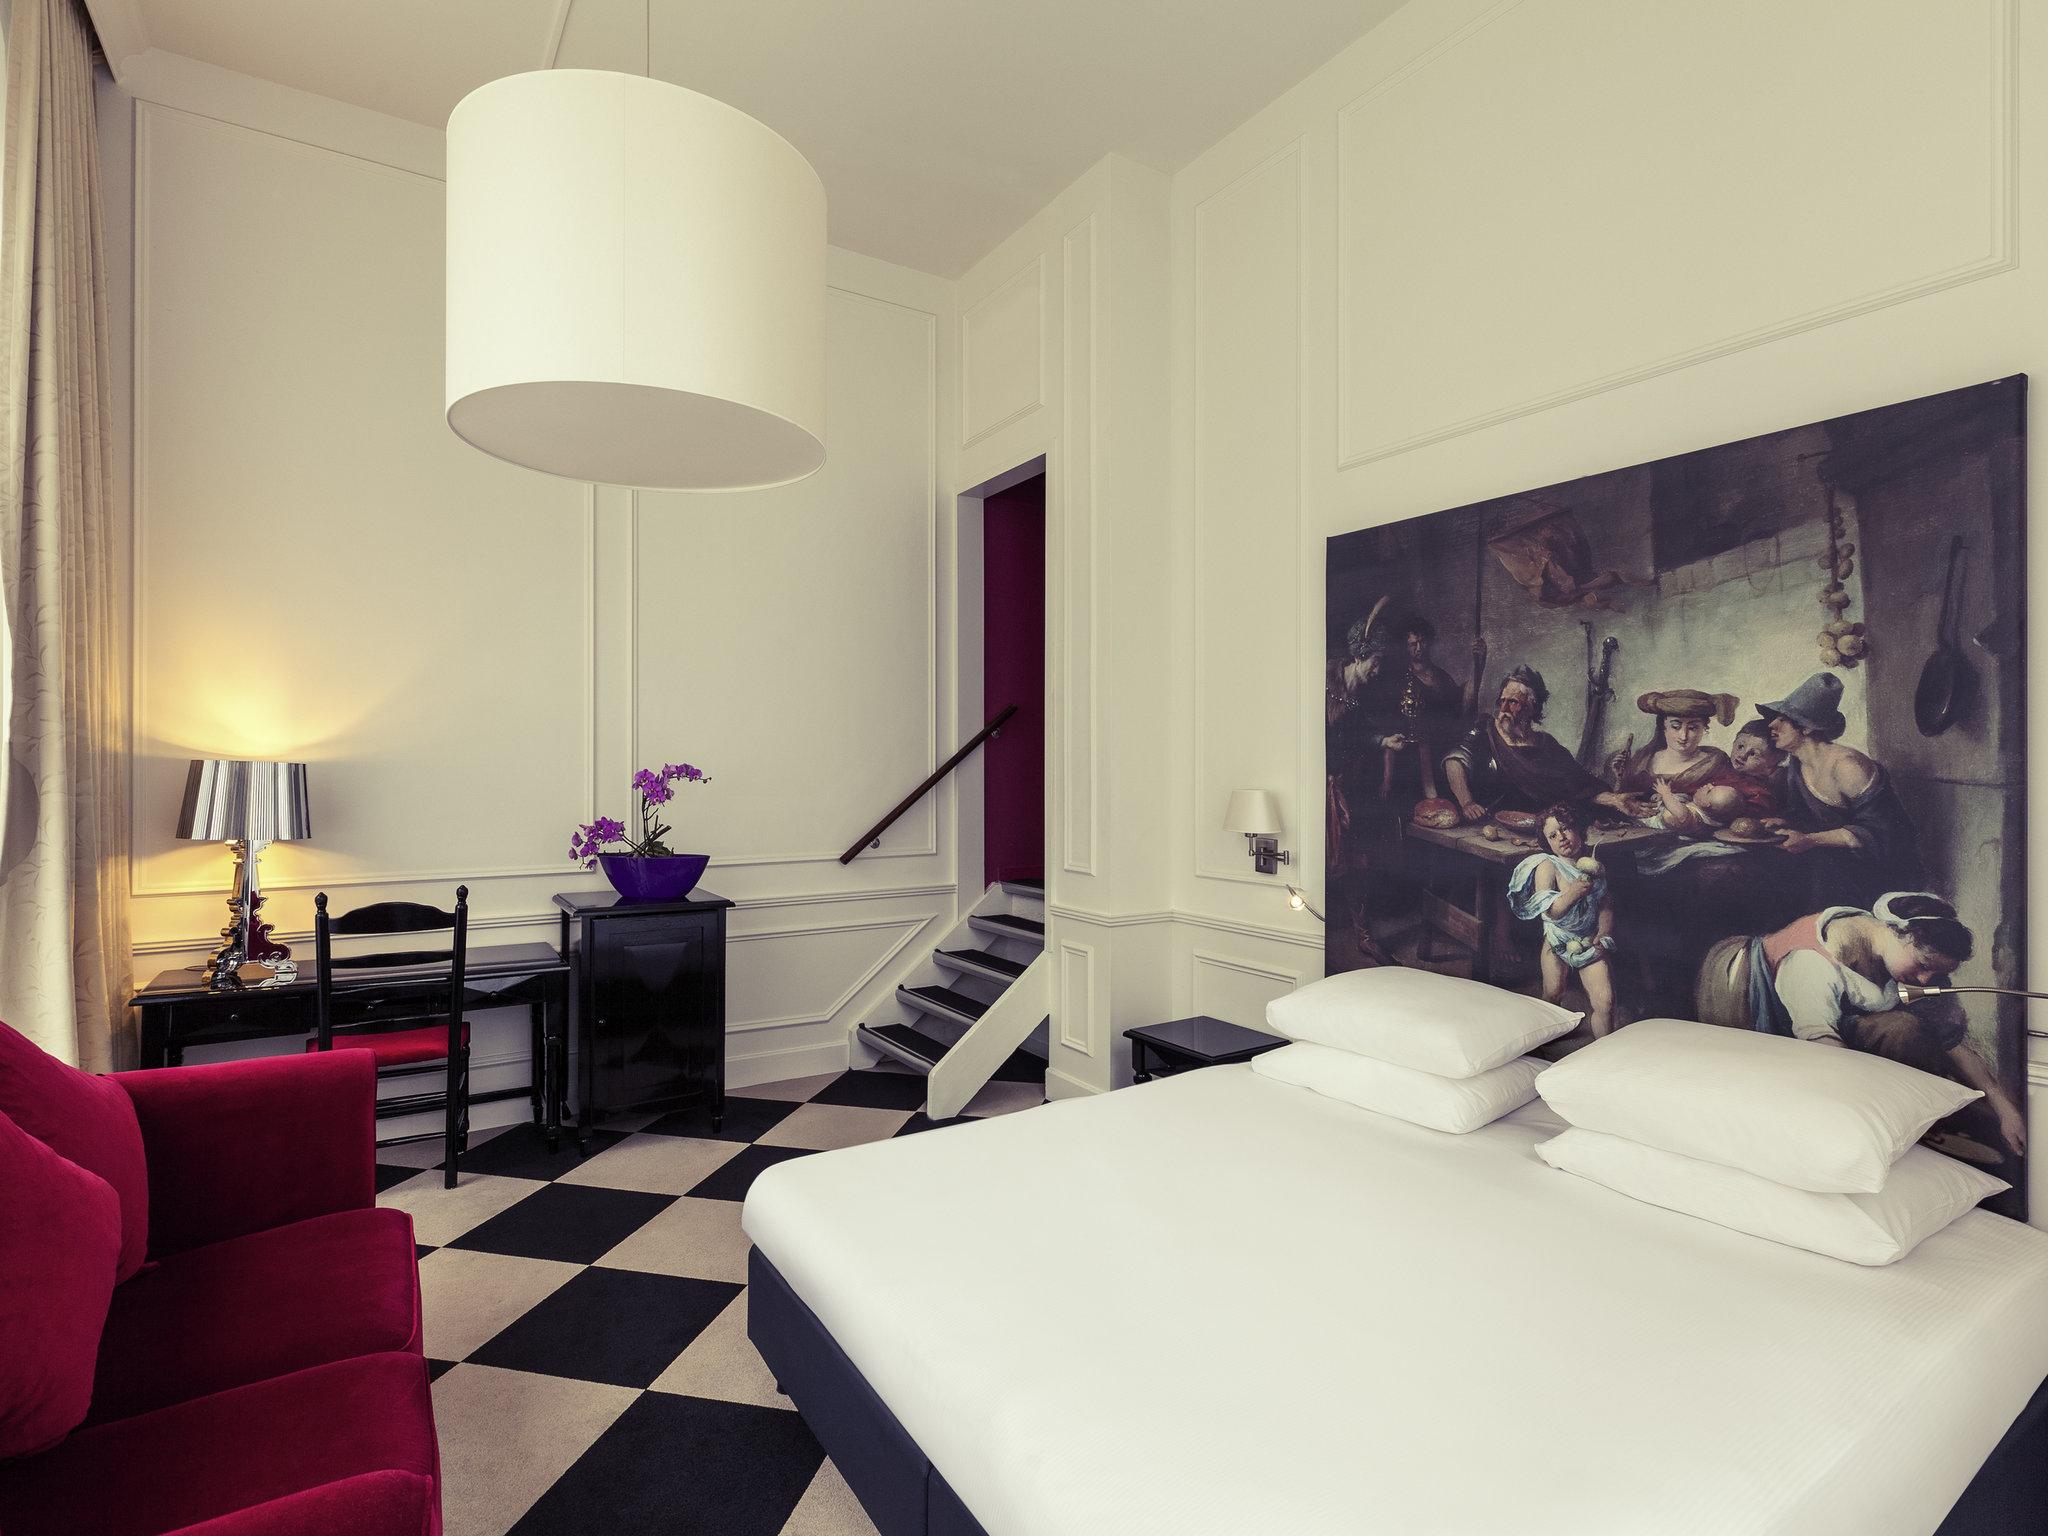 โรงแรม – โรงแรมเมอร์เคียว อัมสเตอร์ดัม อาเธอร์ ฟรอมเมอร์